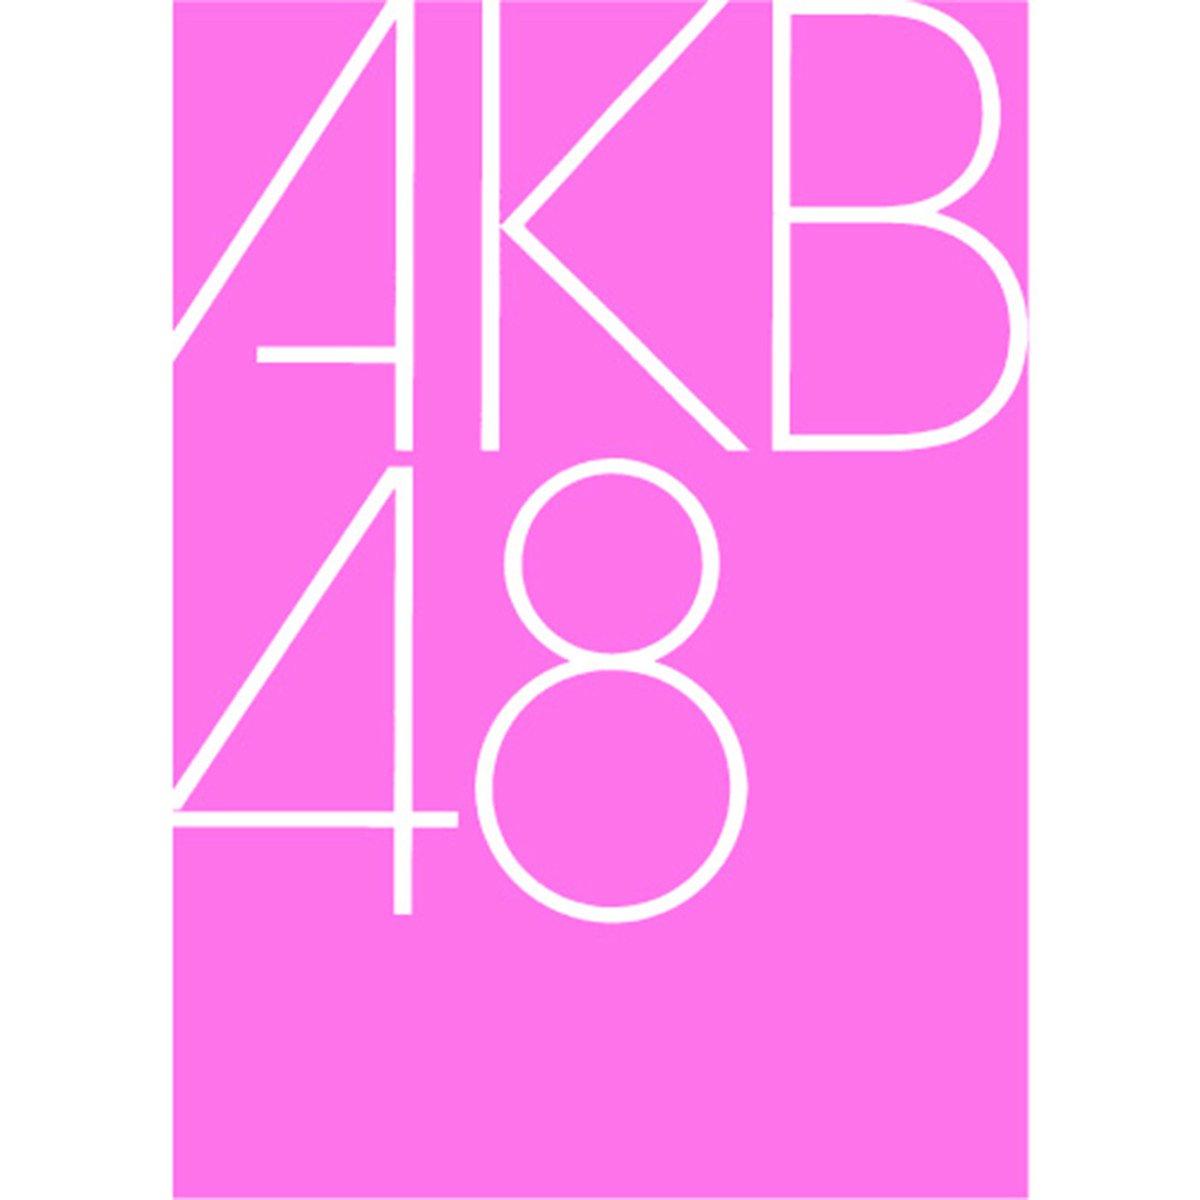 akb에 대한 이미지 검색결과